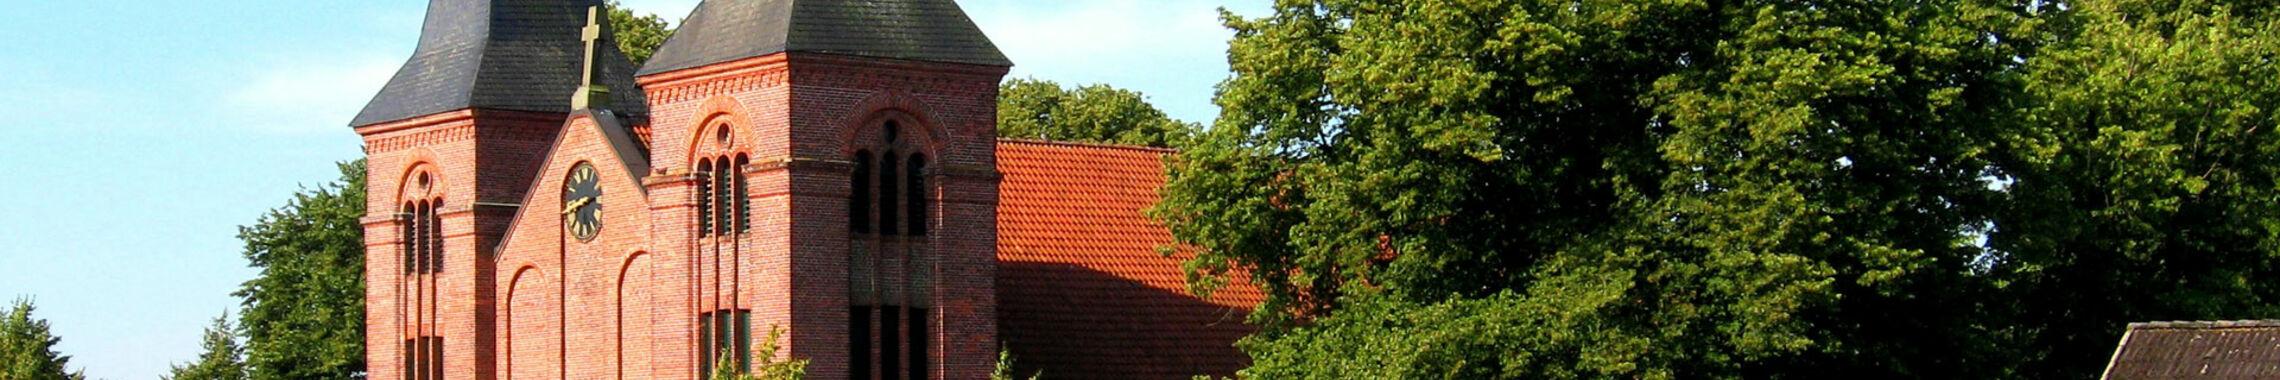 Bild der Kirche Beverstedt